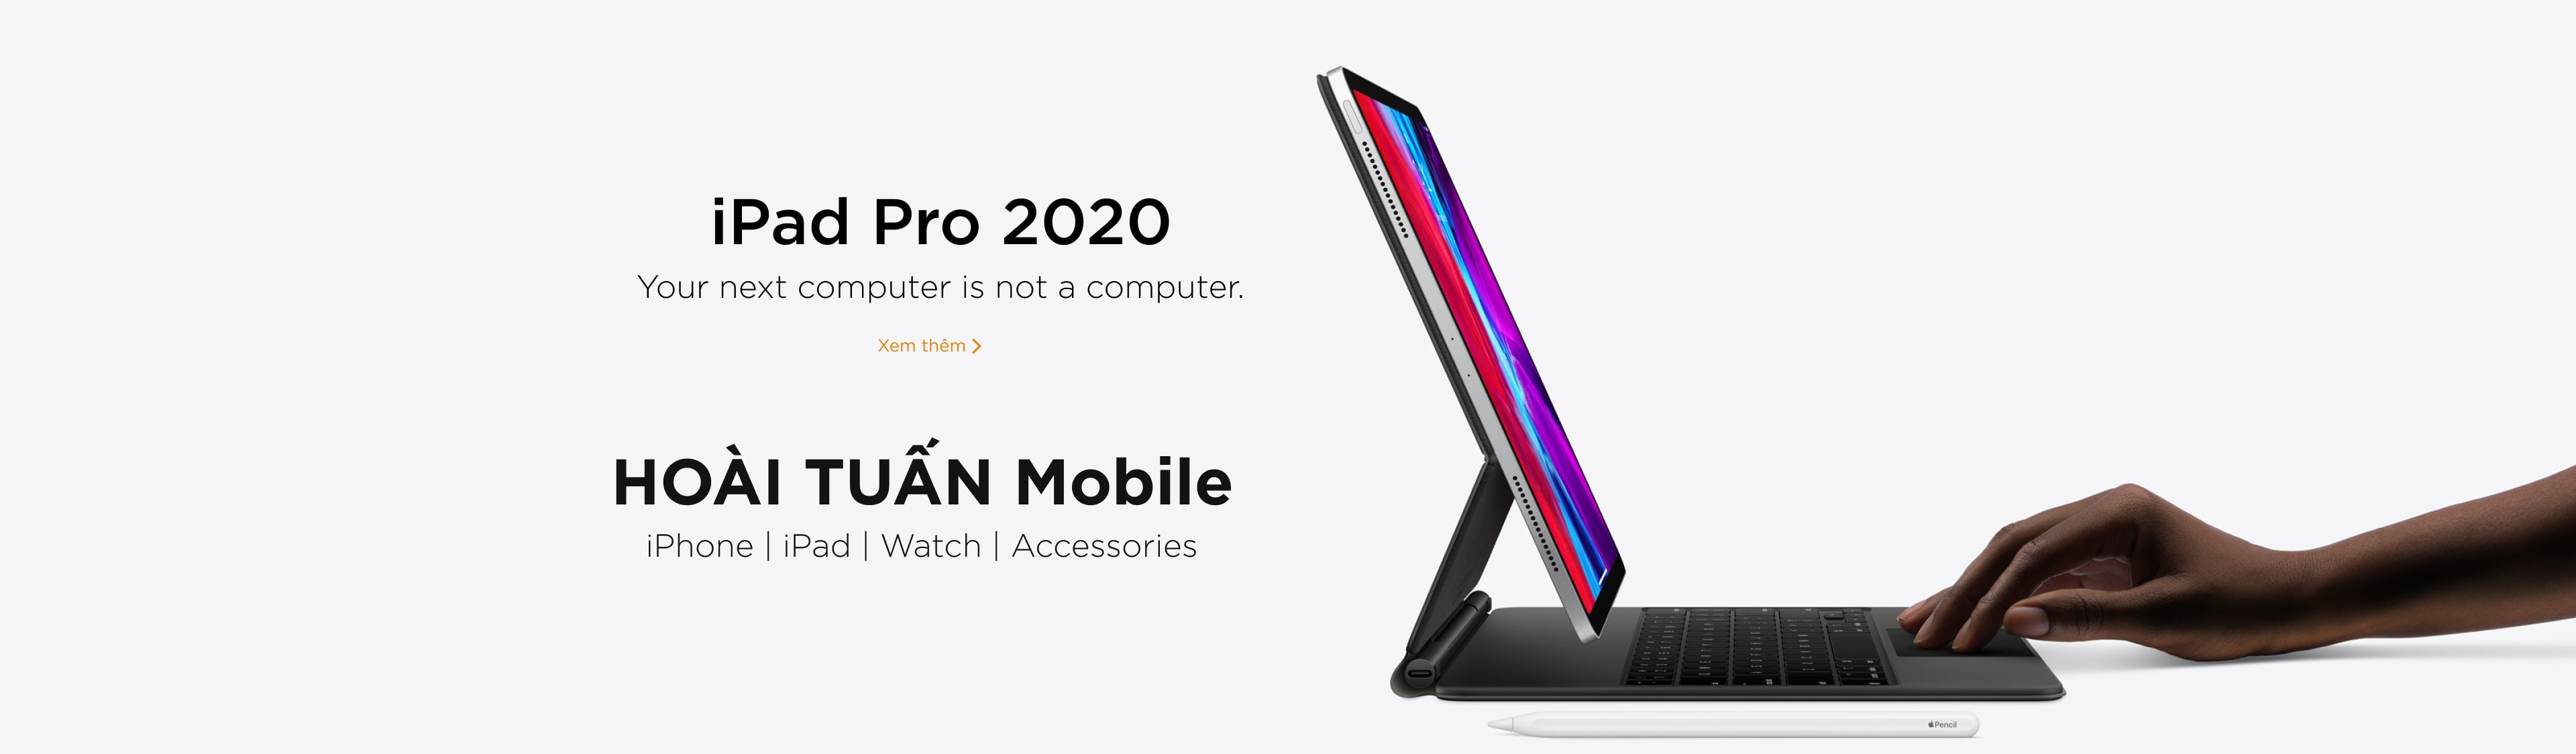 iPad 2017 | 2020 - Máy tính bảng chính hãng, xách tay cũ giá rẻ - Hoài Tuấn  Mobile